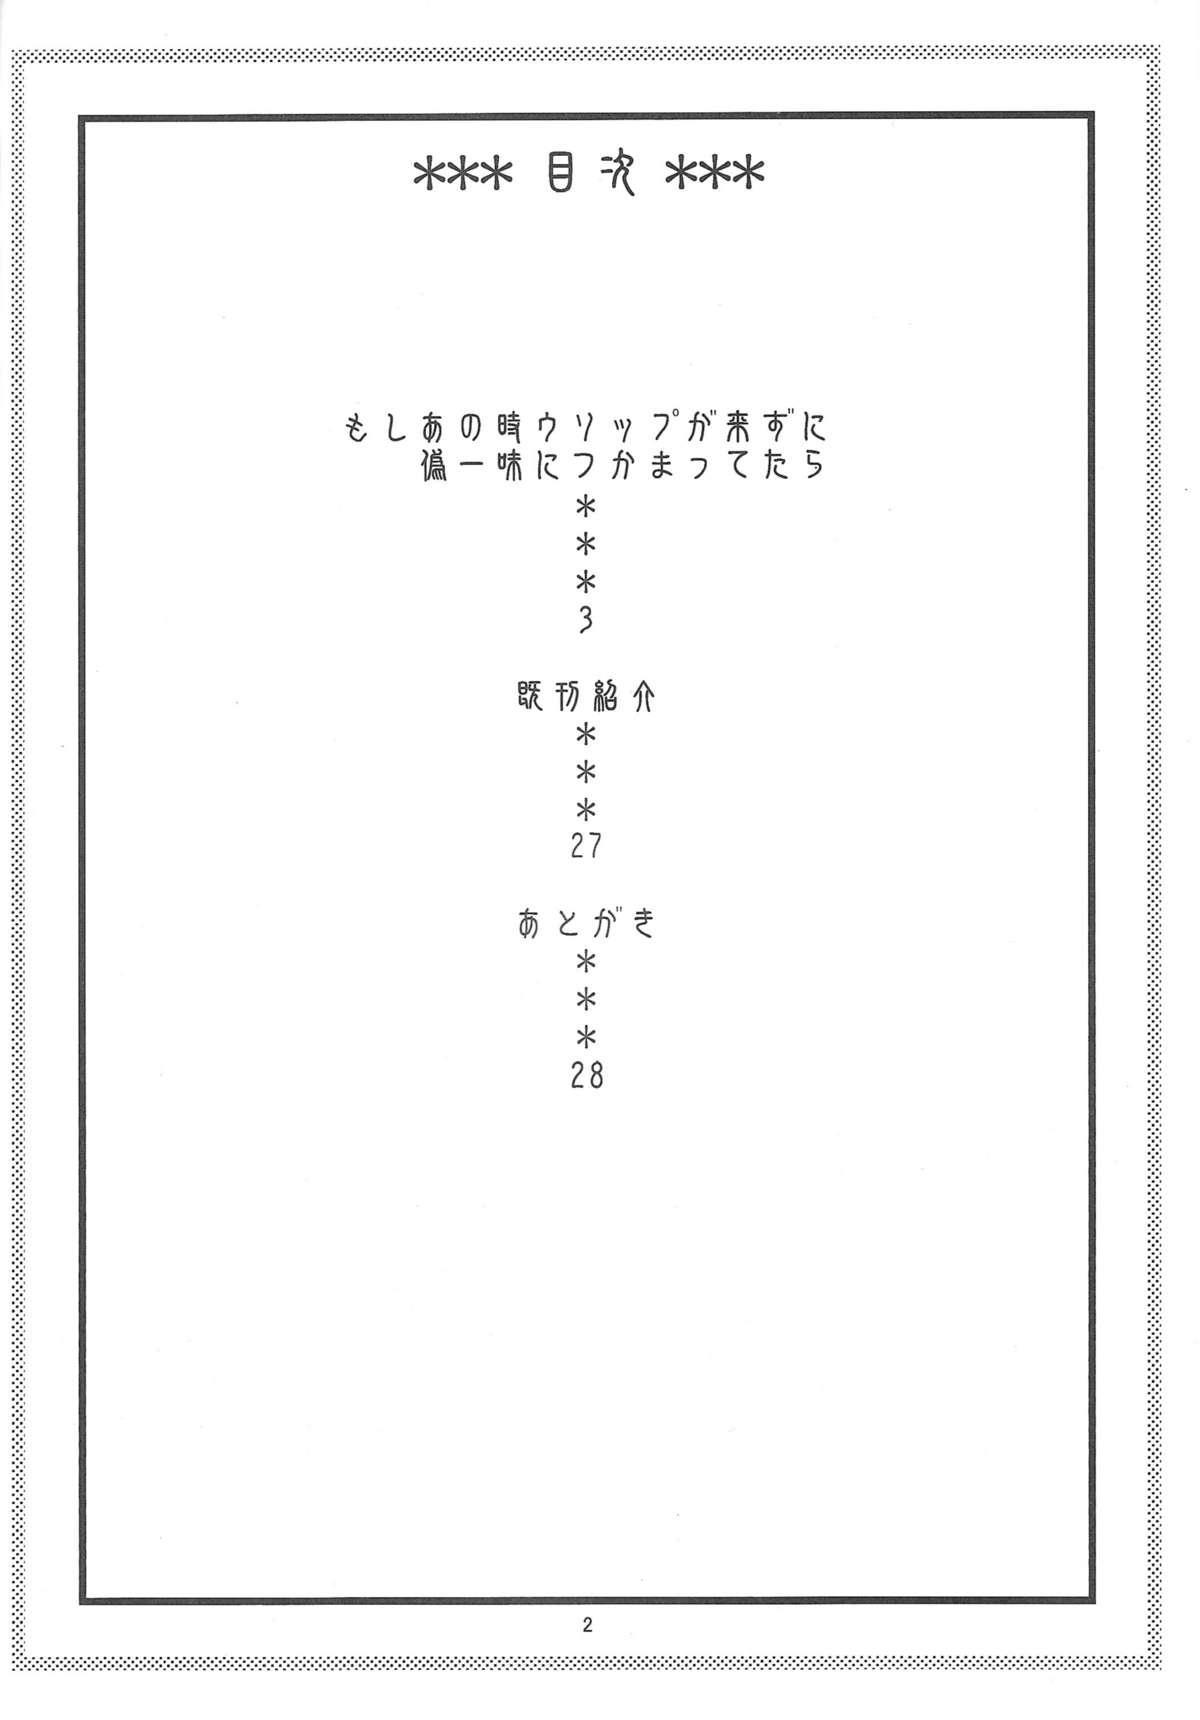 Nami no Ura Koukai Nisshi 6 2